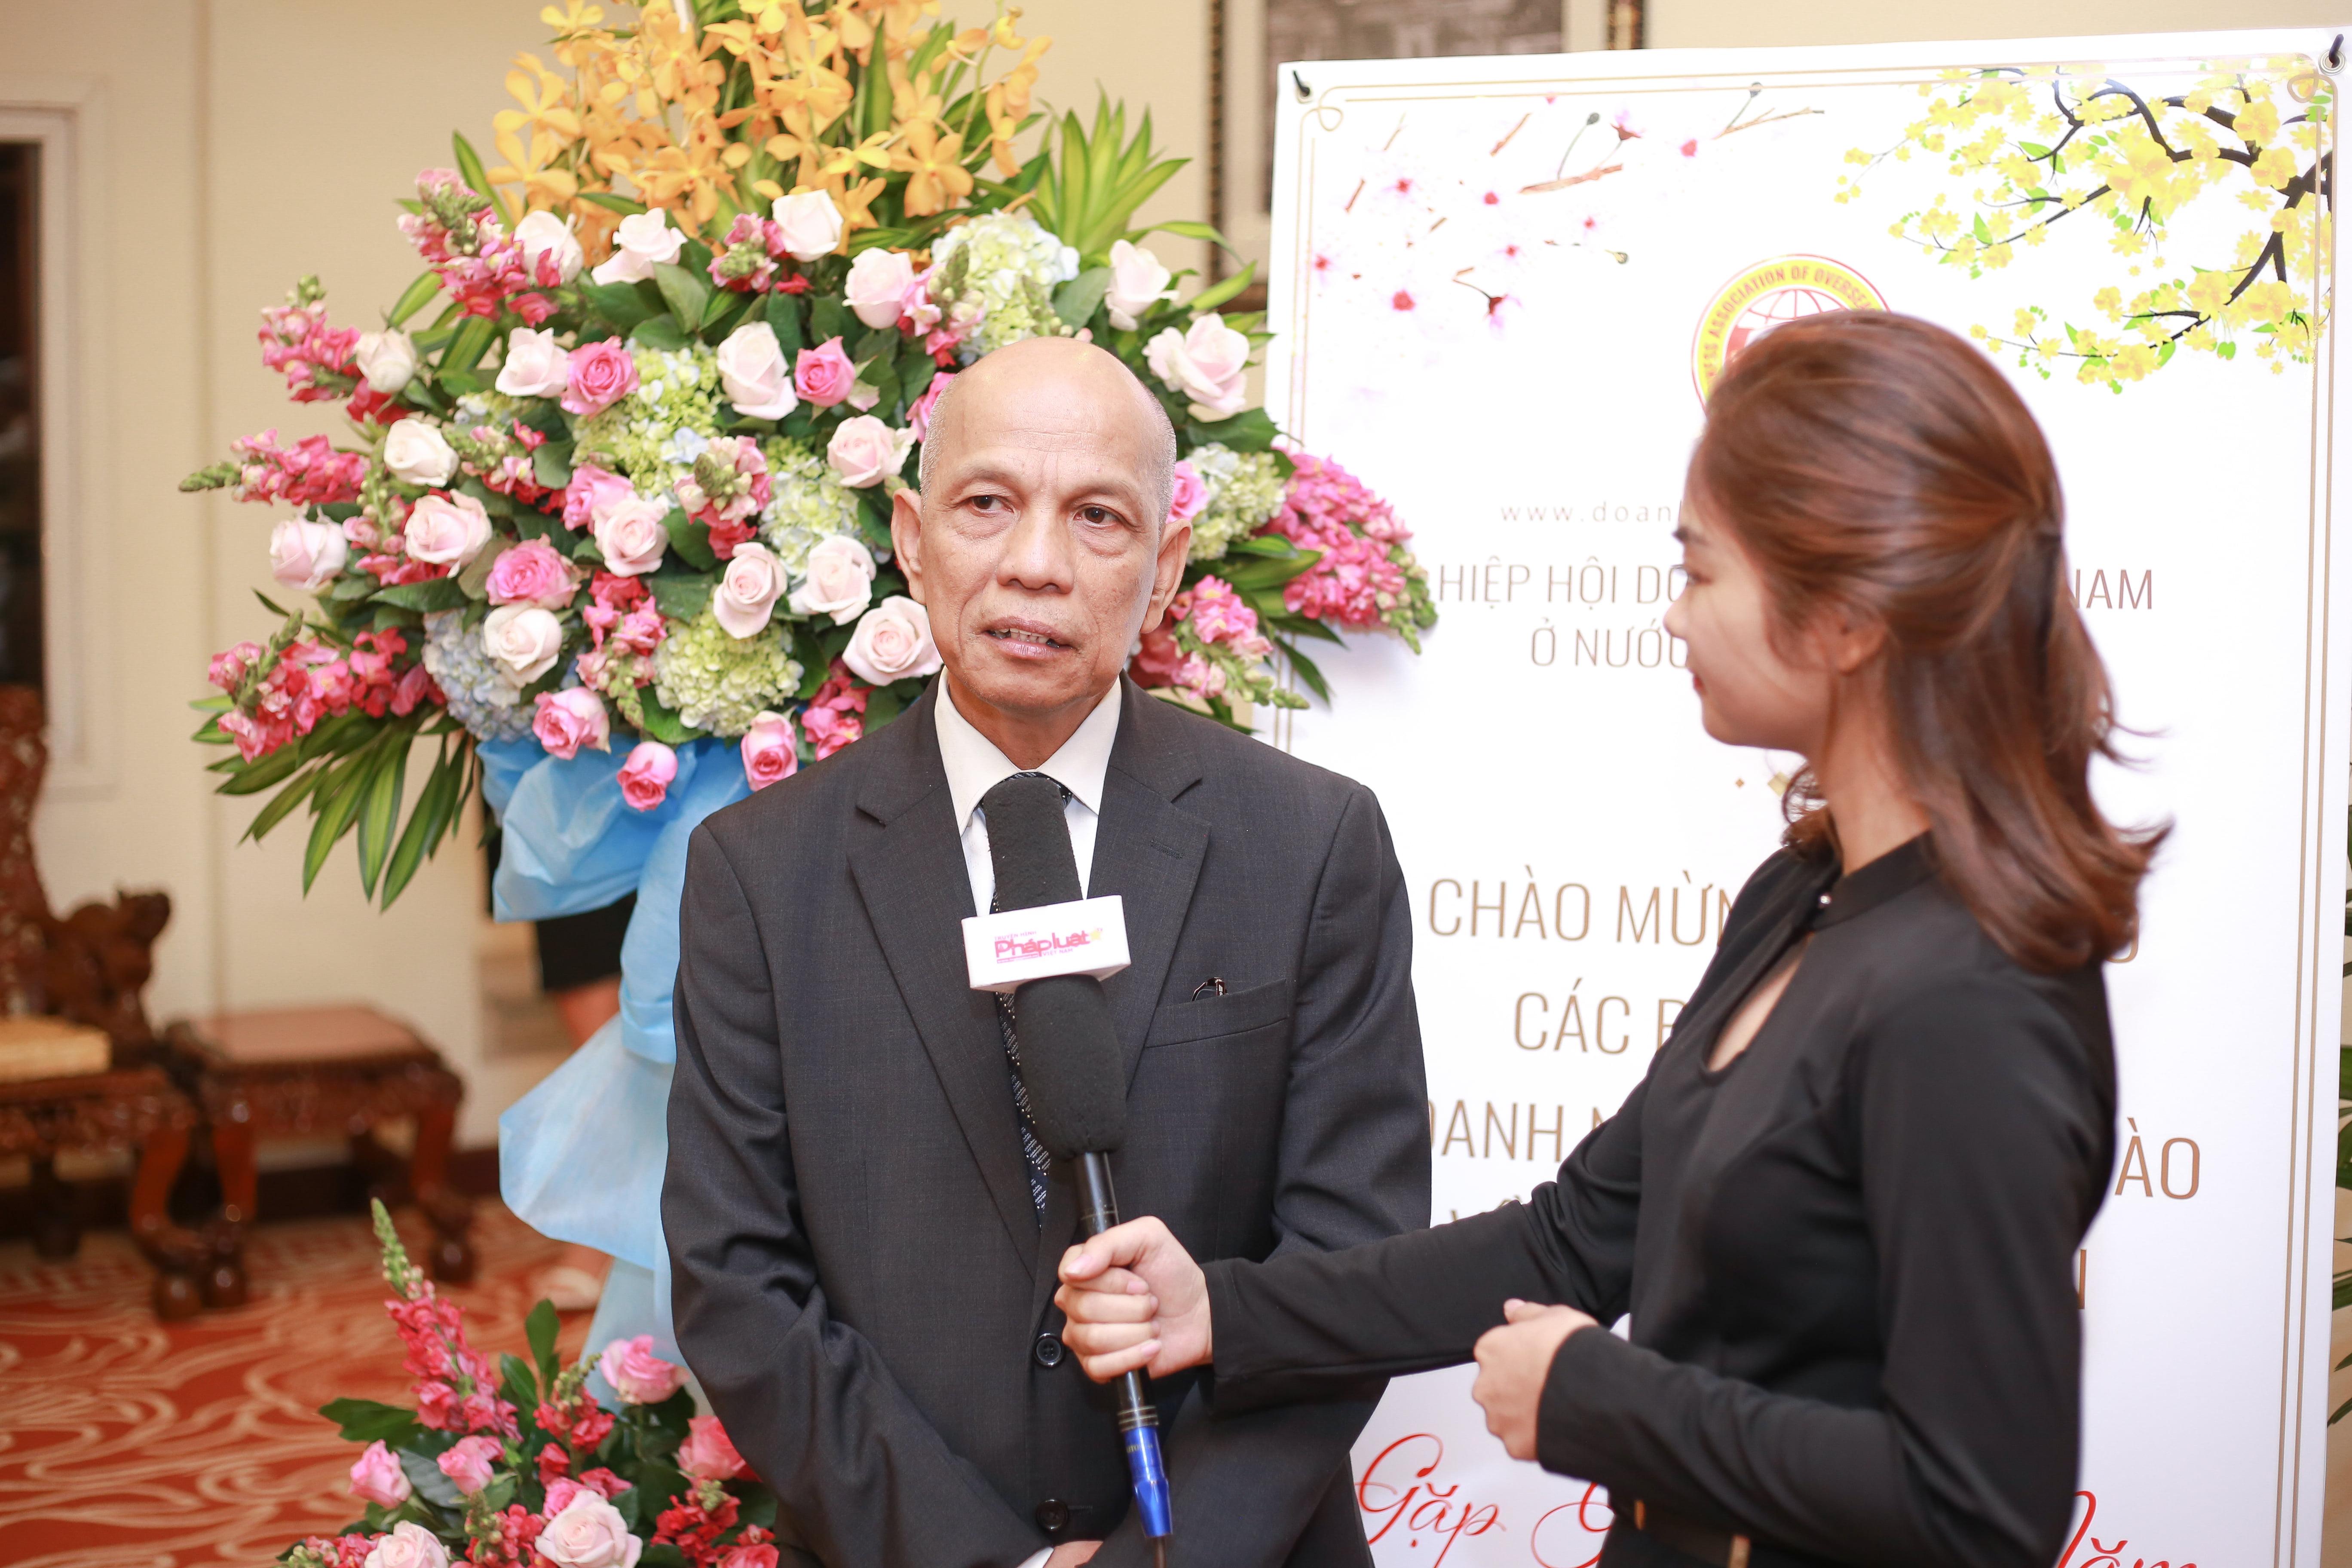 Ông Peter Hồng thay mặt bà con kiều bào gửi lời trân trọng cảm ơn, lời kính chúc tốt đẹp đến các lãnh đạo, các đại diện ban ngành của TP. Hồ Chí Minh